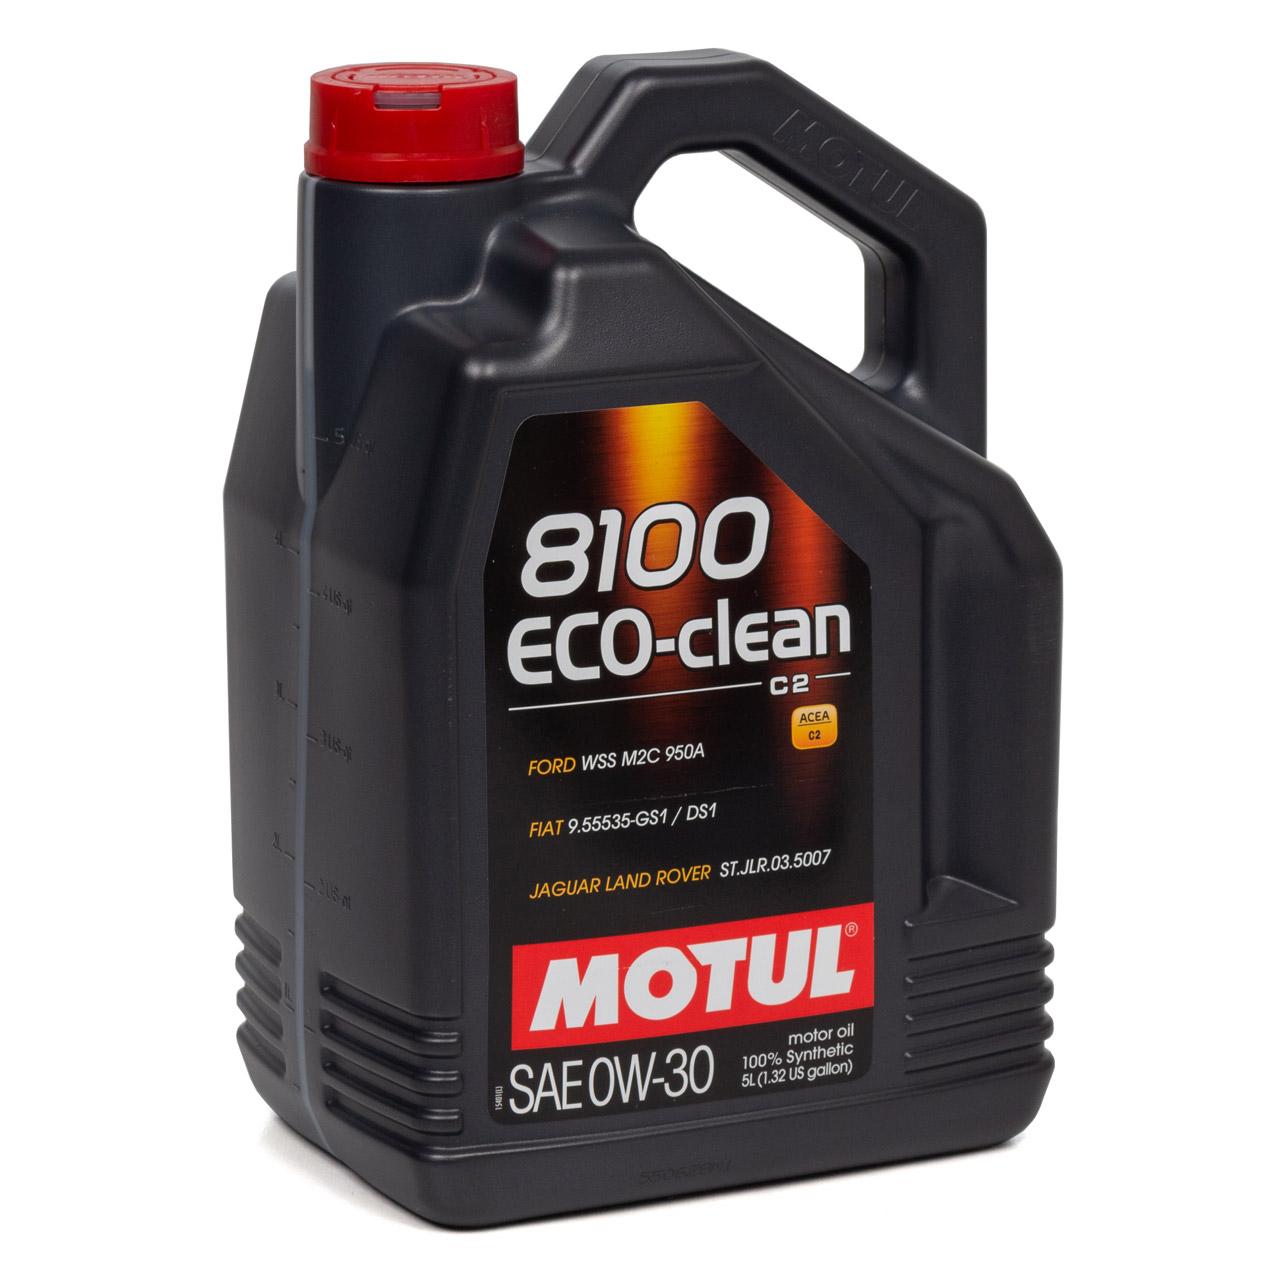 MOTUL 8100 ECO-Clean Motoröl Öl 0W30 ACEA C2 FORD WSS-M2C950-A - 10L 10 Liter